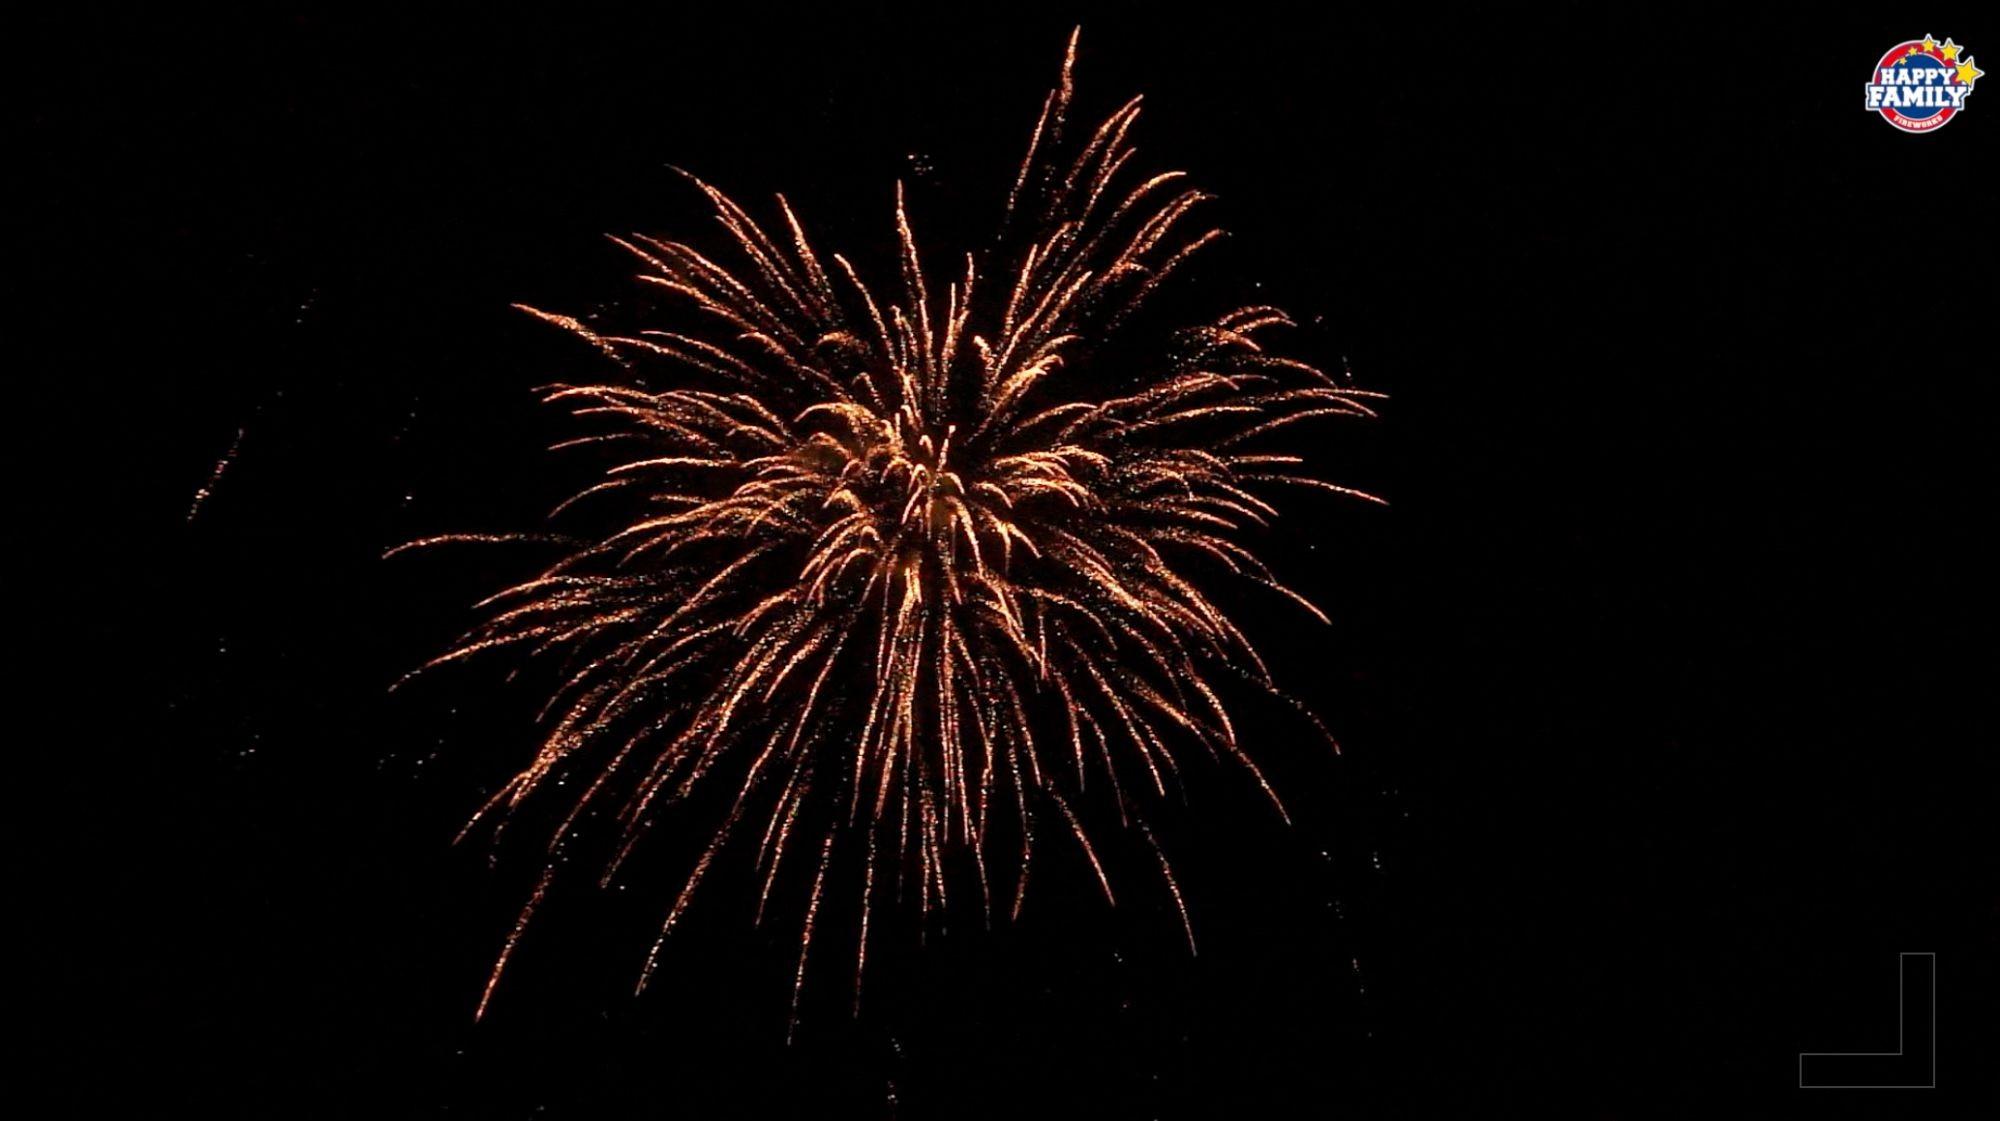 Noite de demonstração para os novos itens do mercado dos EUA, temporada de 2022, do Happy Family Fireworks